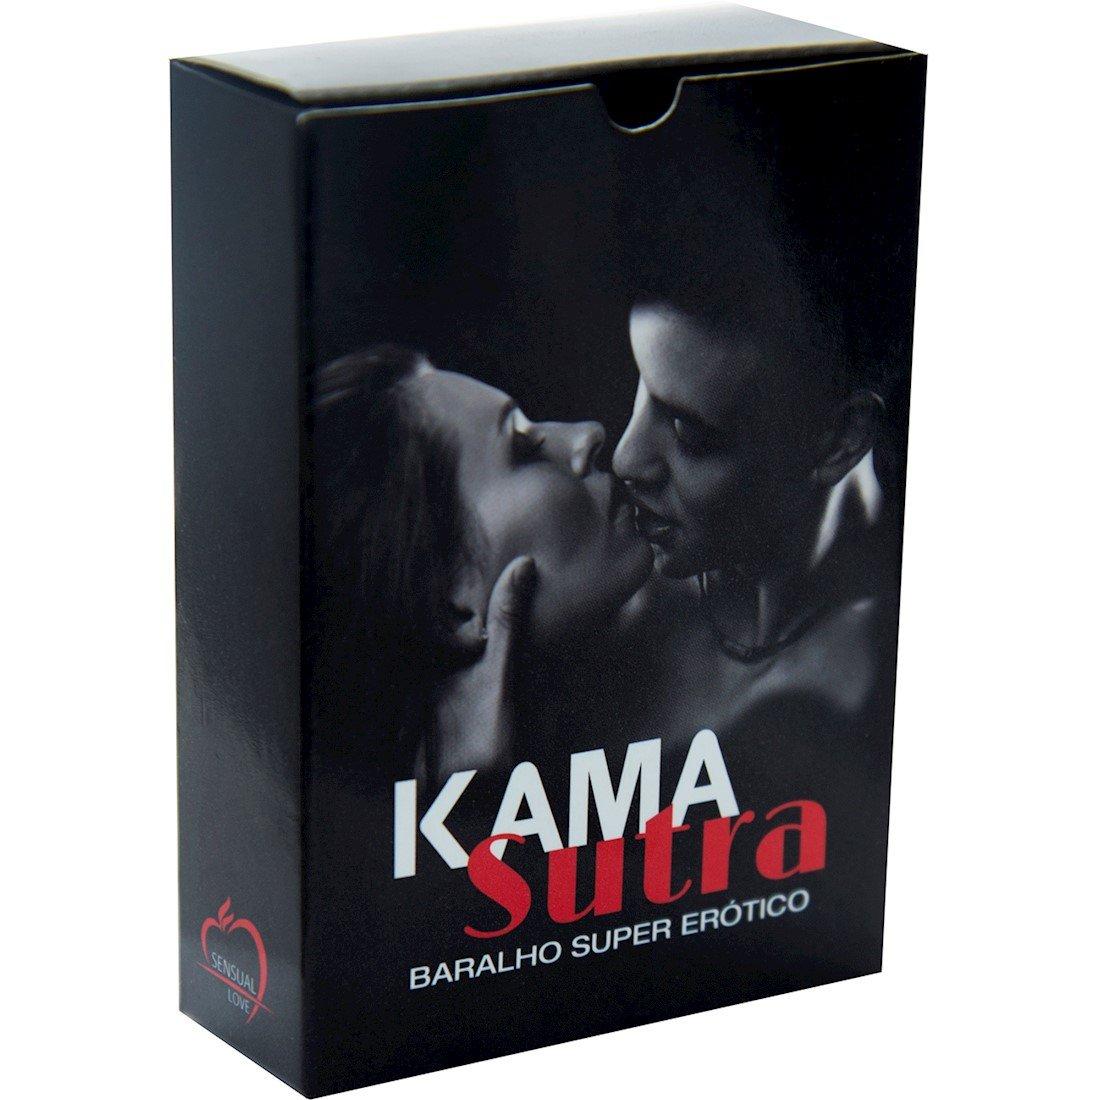 Kama Sutra Super Erótico